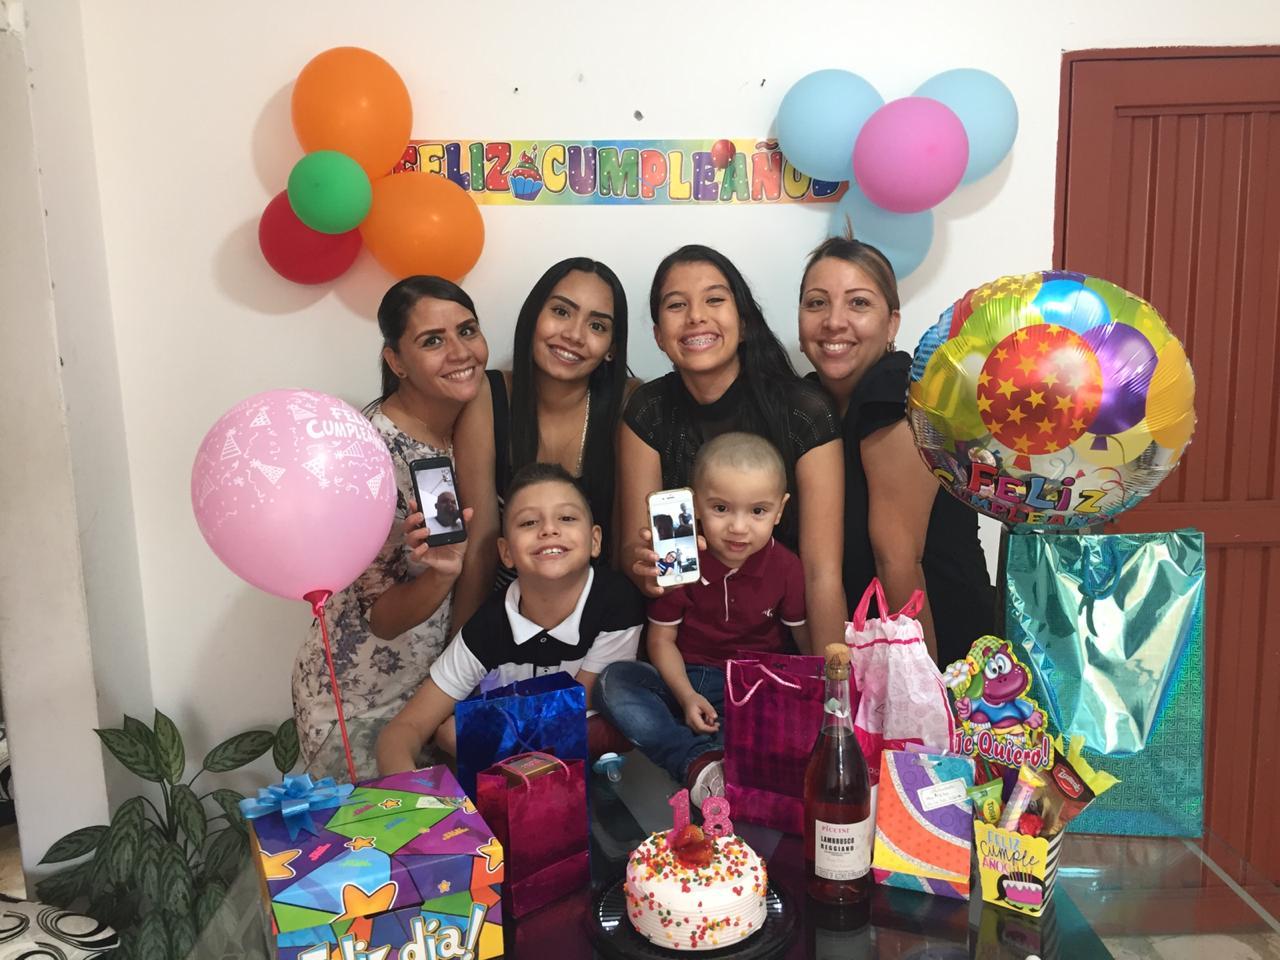 Celebraron sus cumpleaños en casa